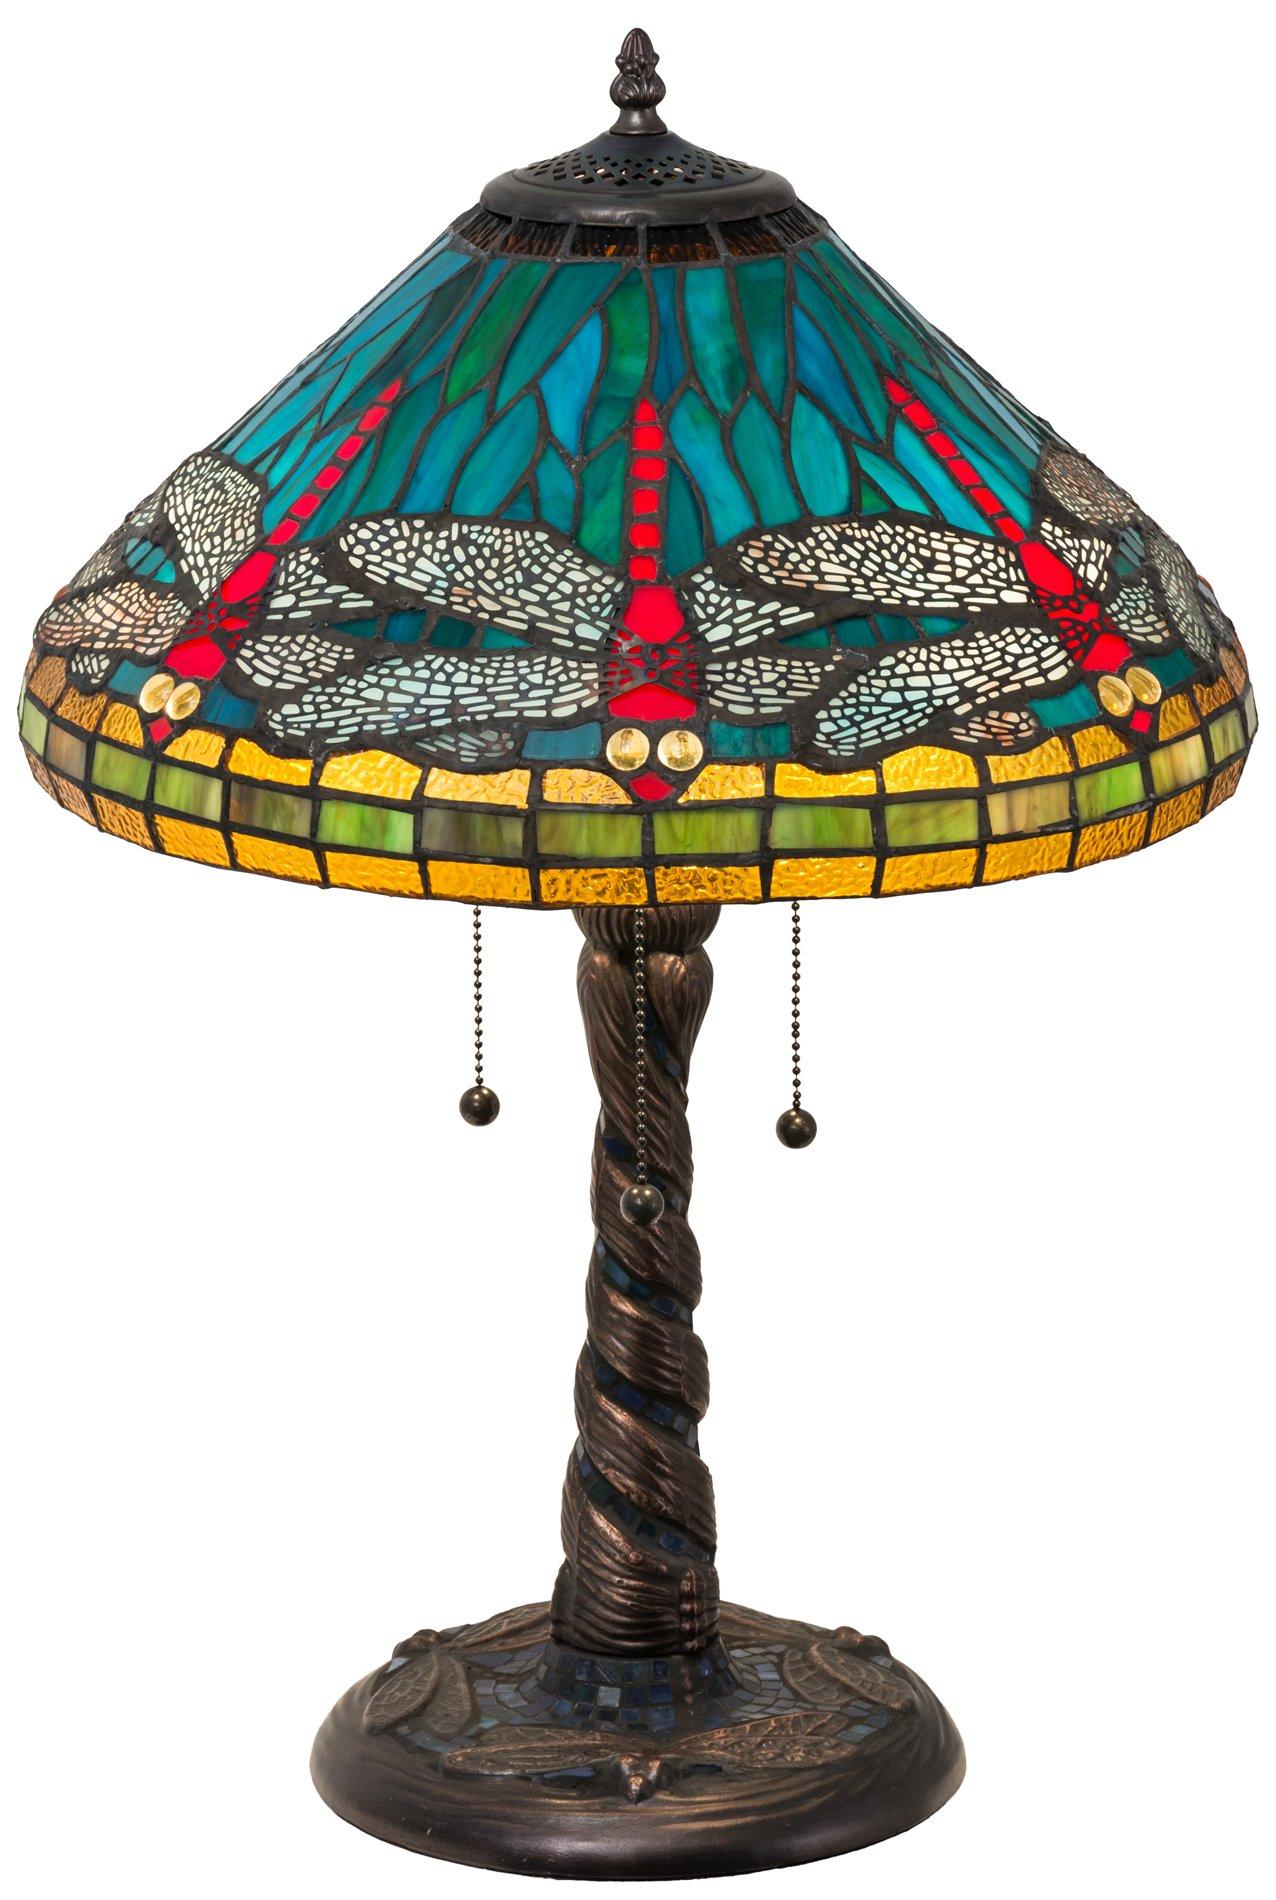 Meyda Tiffany 26682 Mosaic Dragonfly Tiffany Table Lamp Md